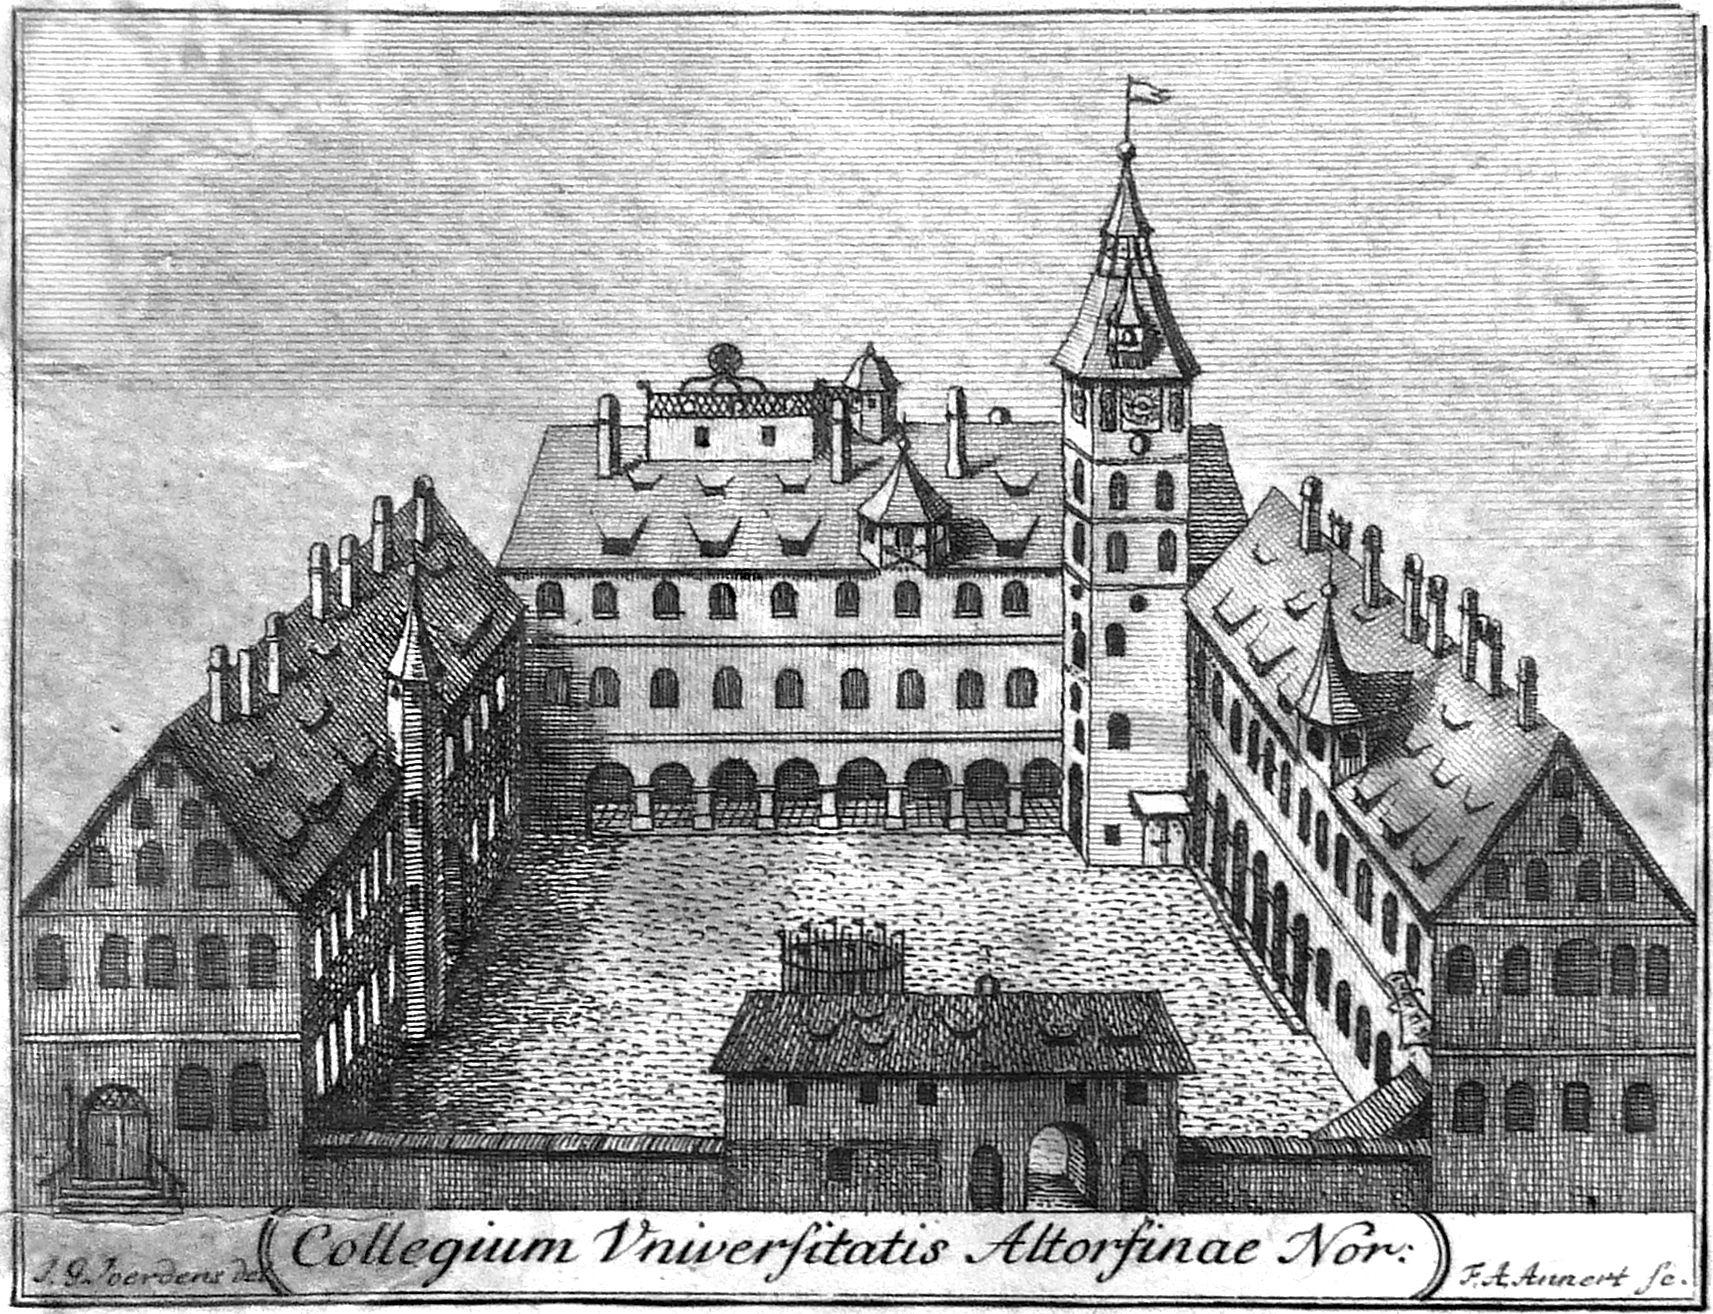 Collegium Universitatis Altorfinae Nor. General view